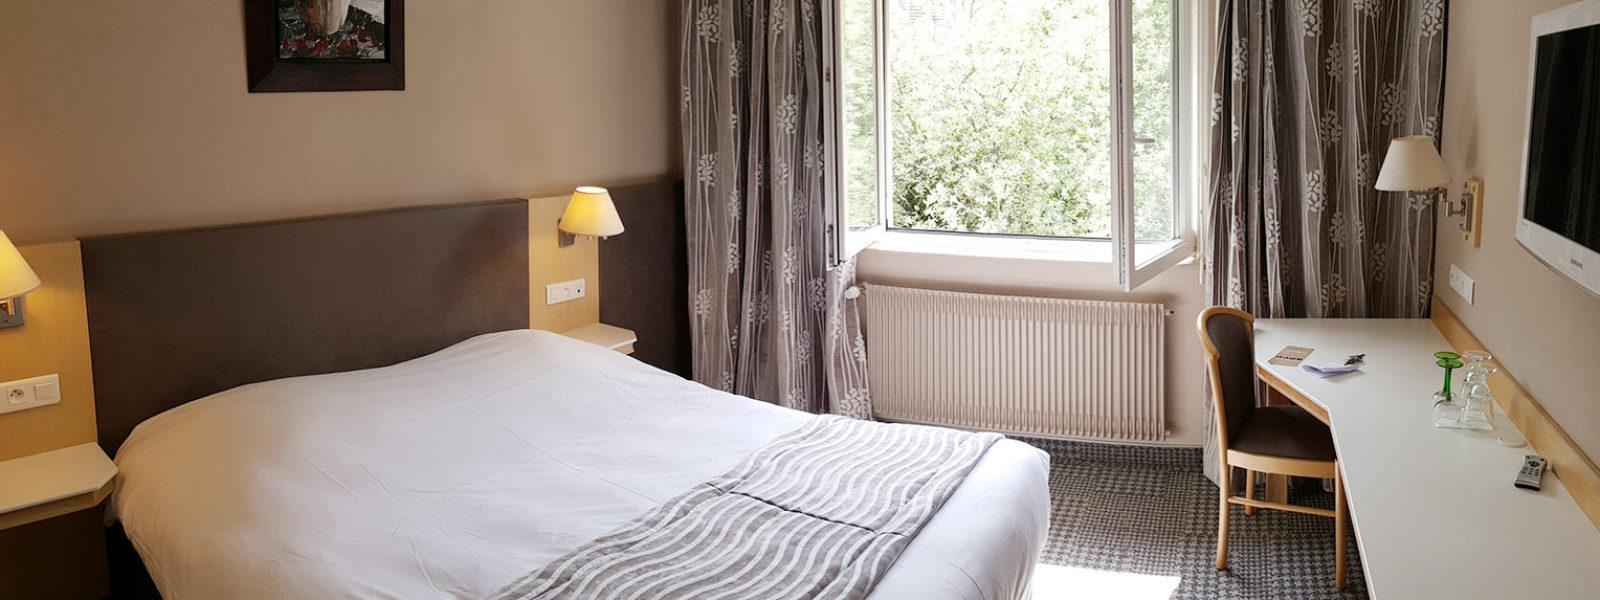 Chambre double sans balcon n°22